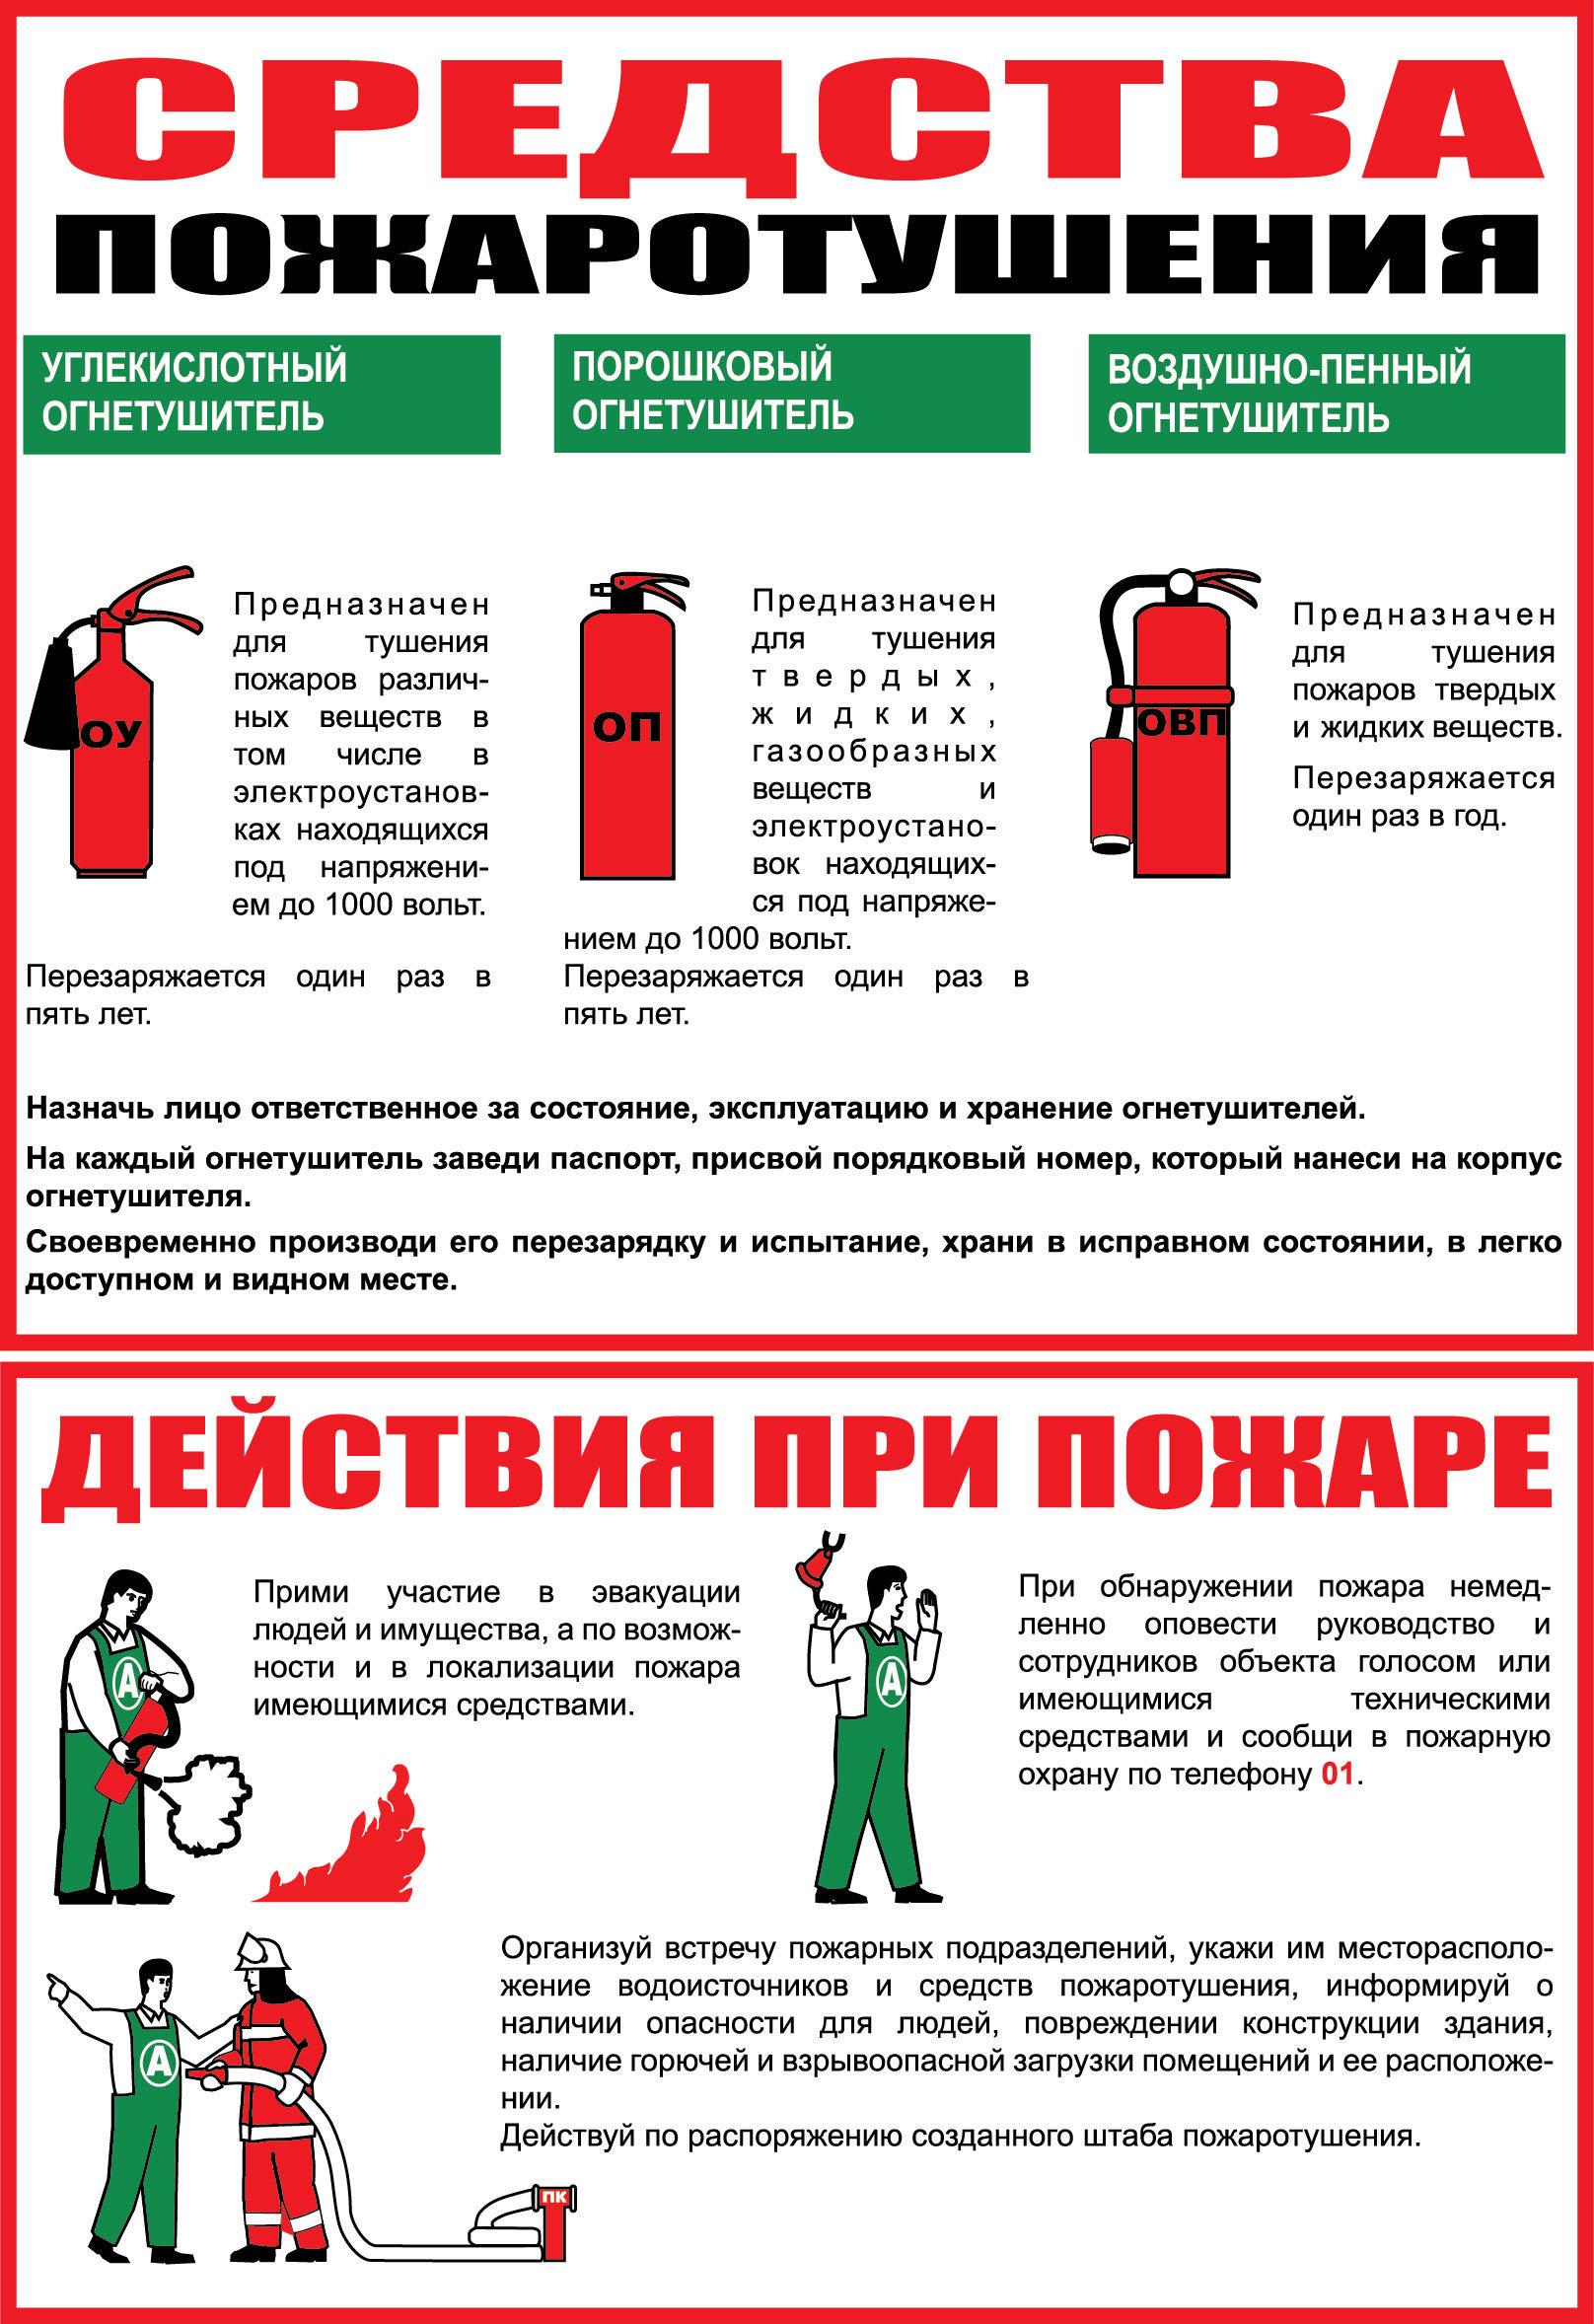 действия при пожарной эвакуации